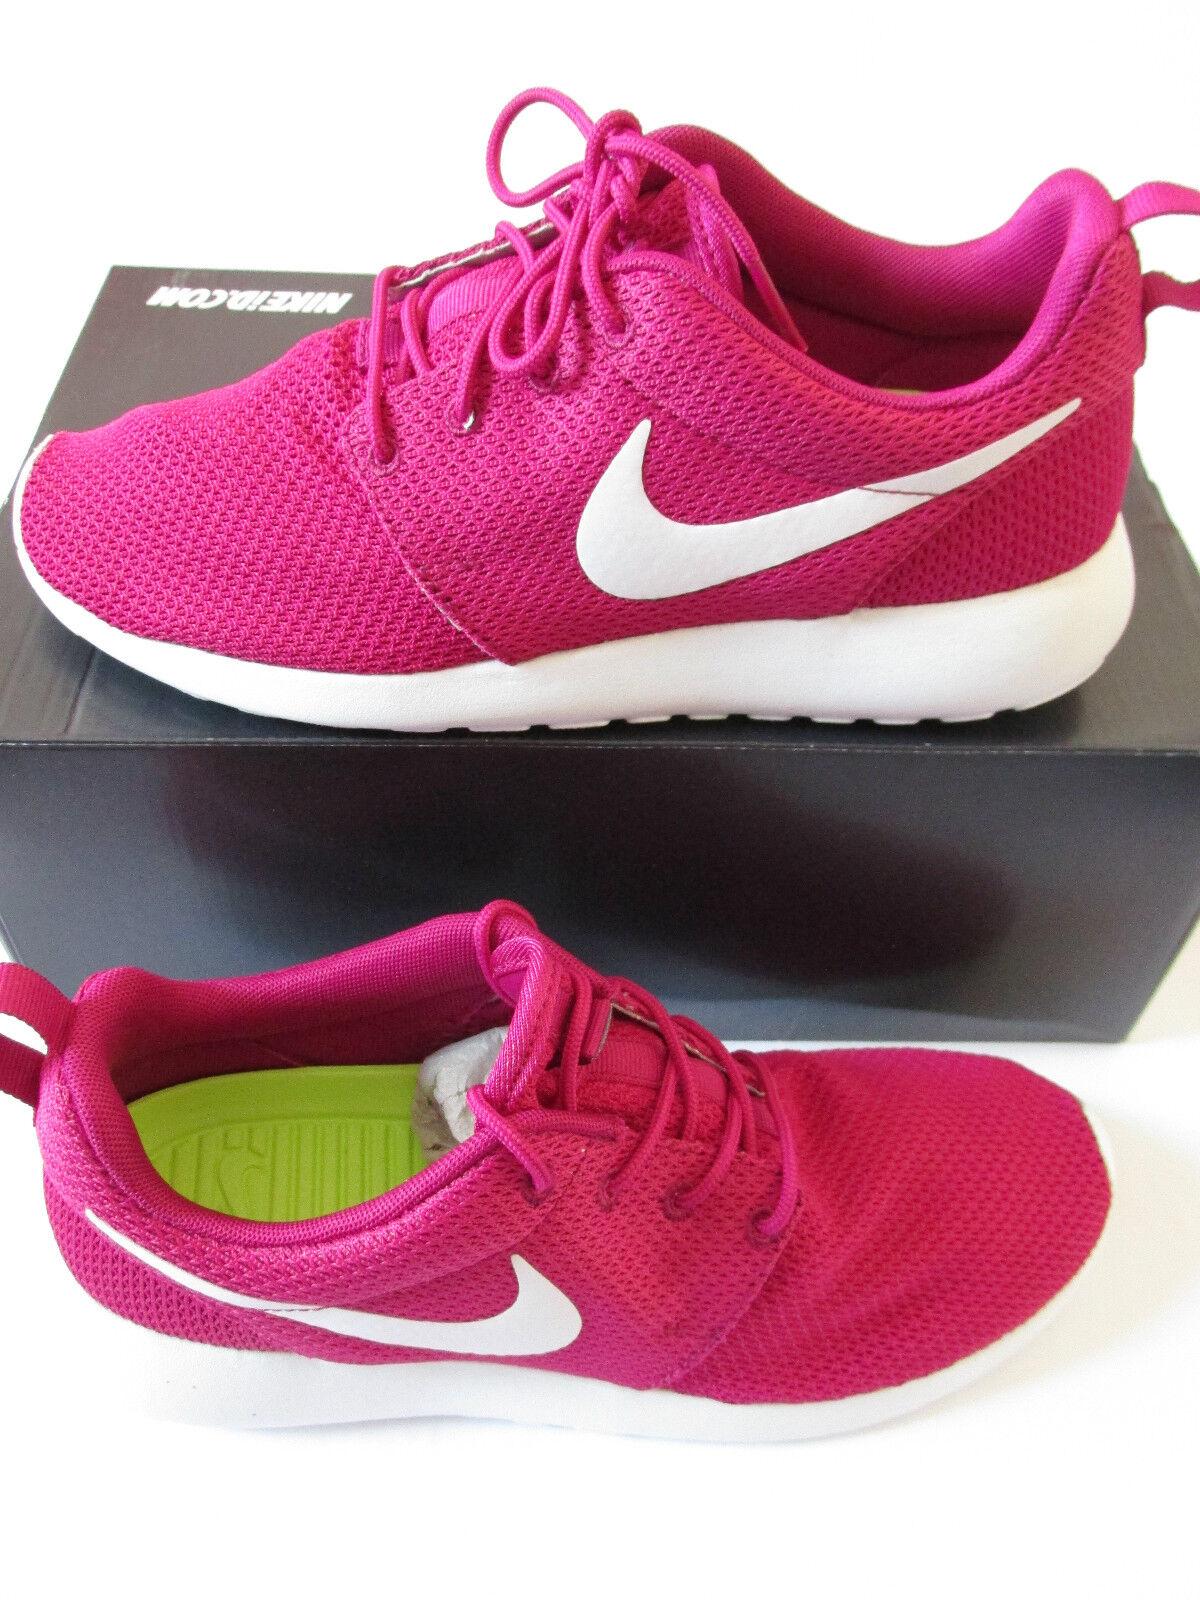 Nike Identità Rosherun da Donna Scarpe Ginnastica 616841 992 Us 8 Eu 39